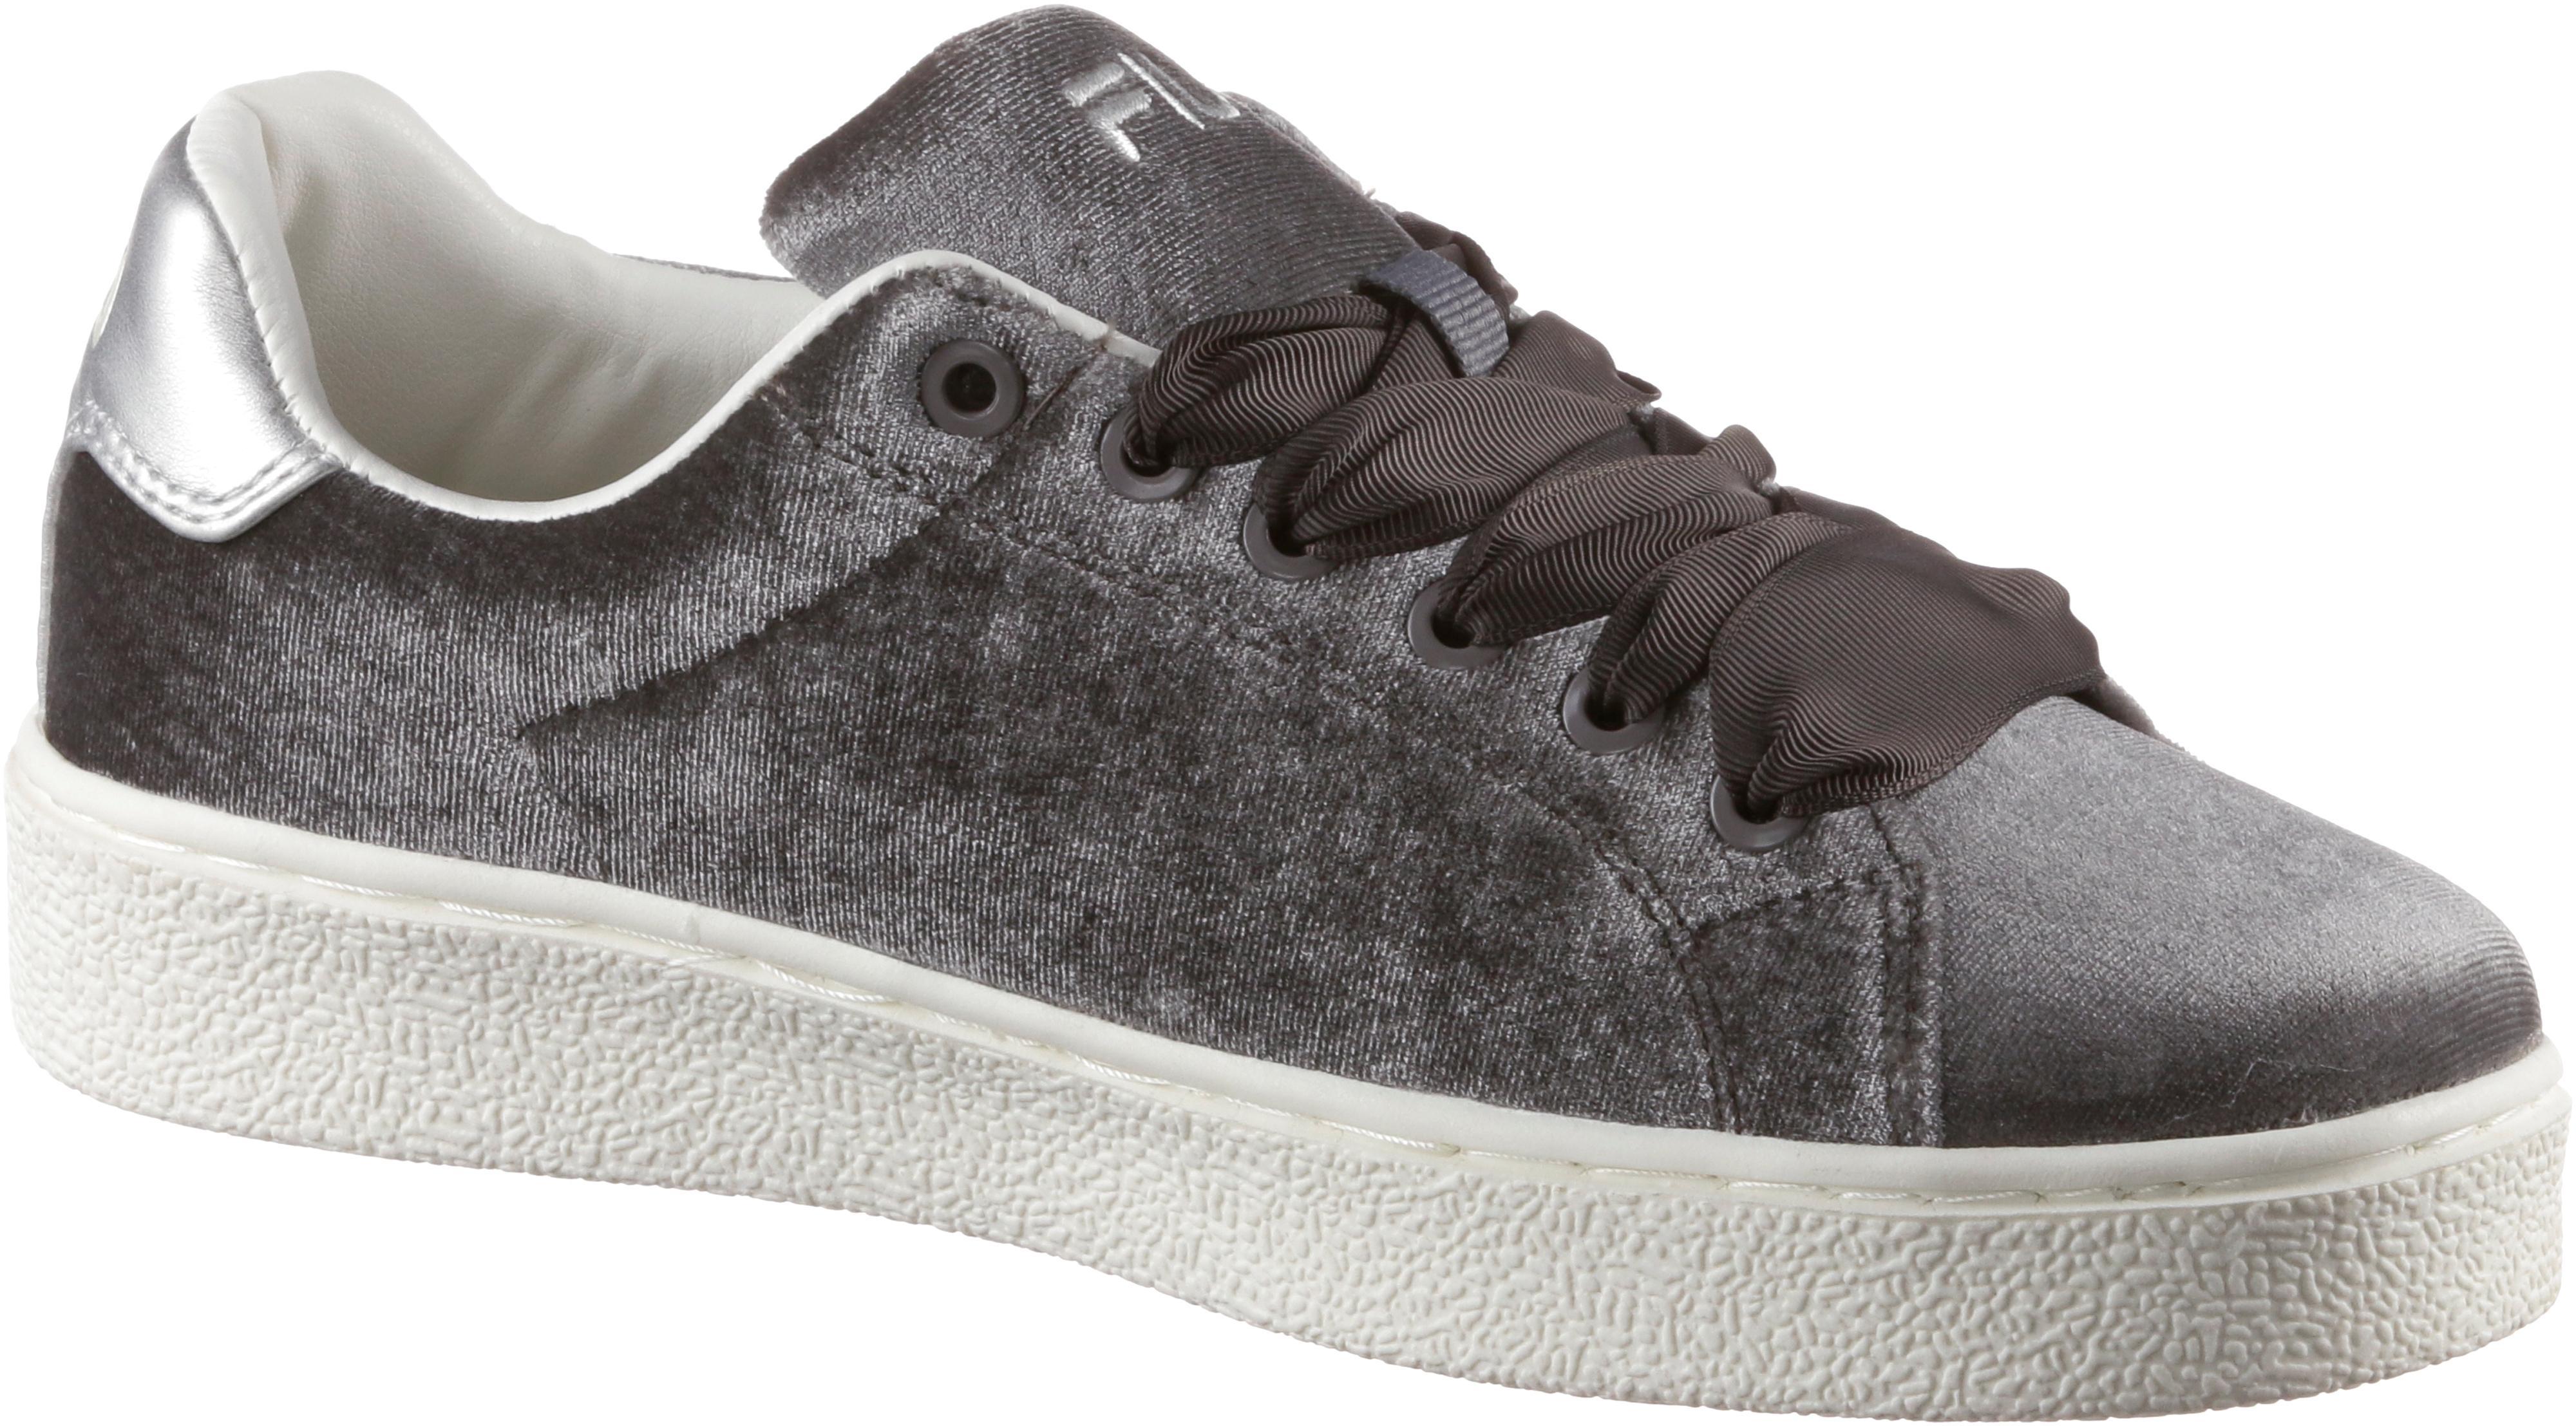 FILA UPSTAGE UPSTAGE UPSTAGE V Sneaker Damen gray violet im Online Shop von SportScheck kaufen Gute Qualität beliebte Schuhe 72e580